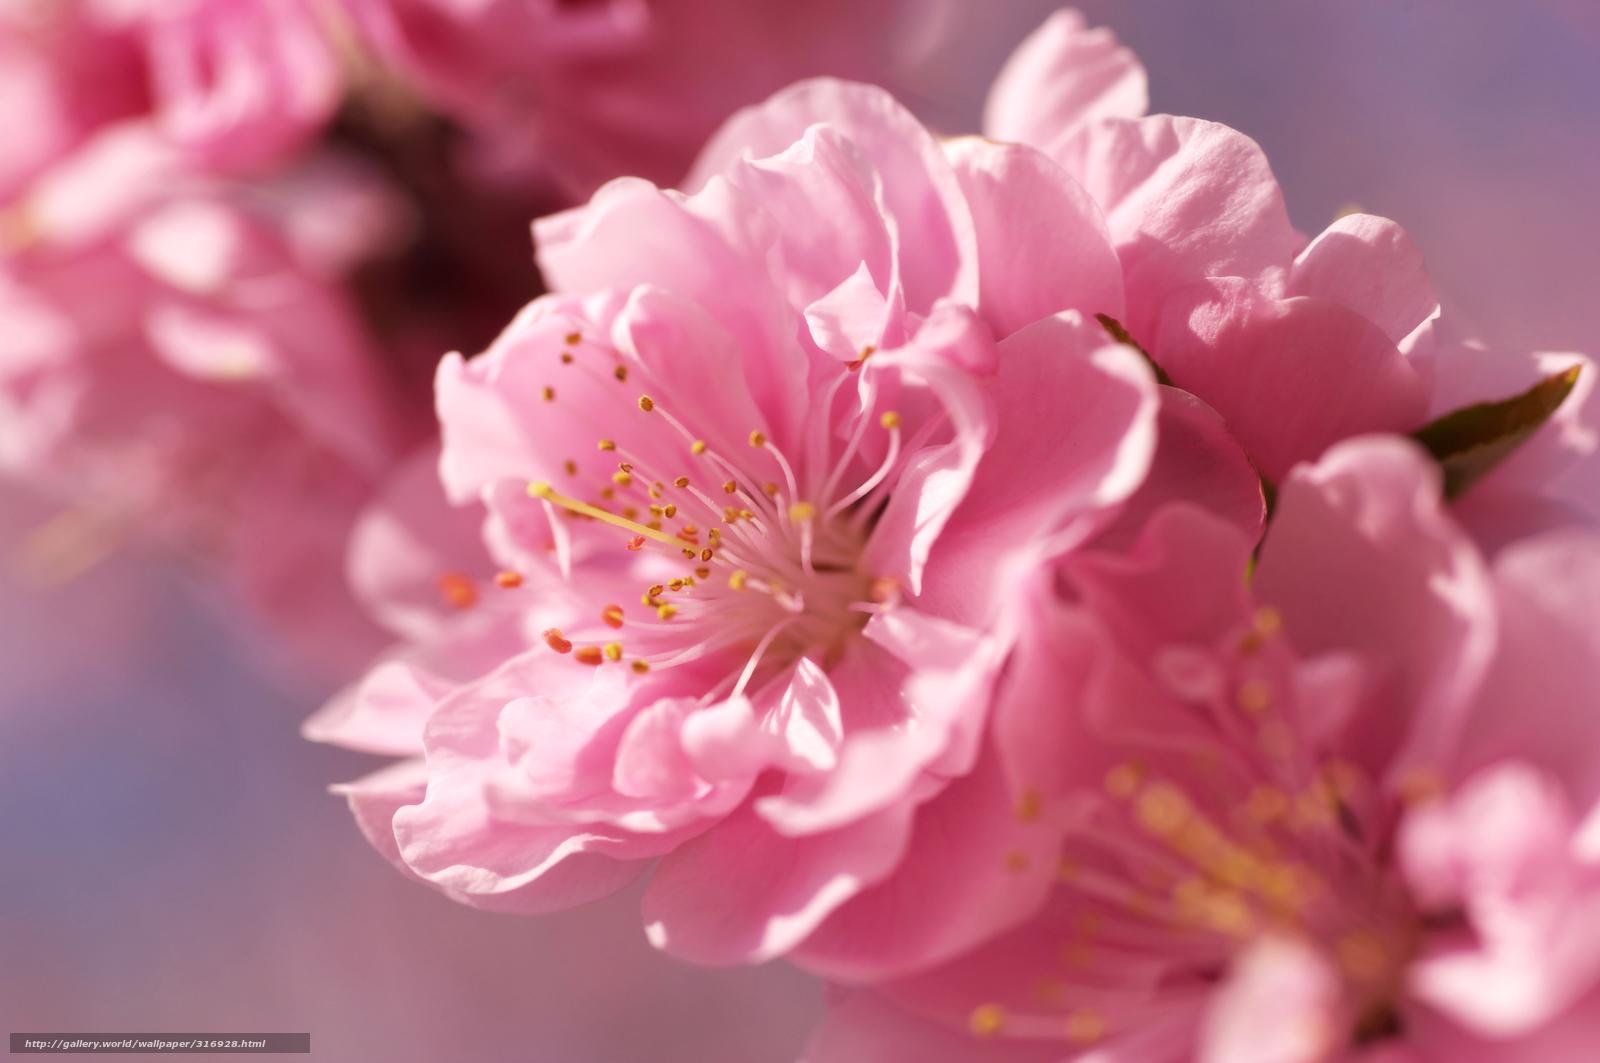 Скачать обои сакура, розовый, цветок ...: ru.gdefon.com/download/sakura_rozovyj_cvetok_nezhnost_razmytost...